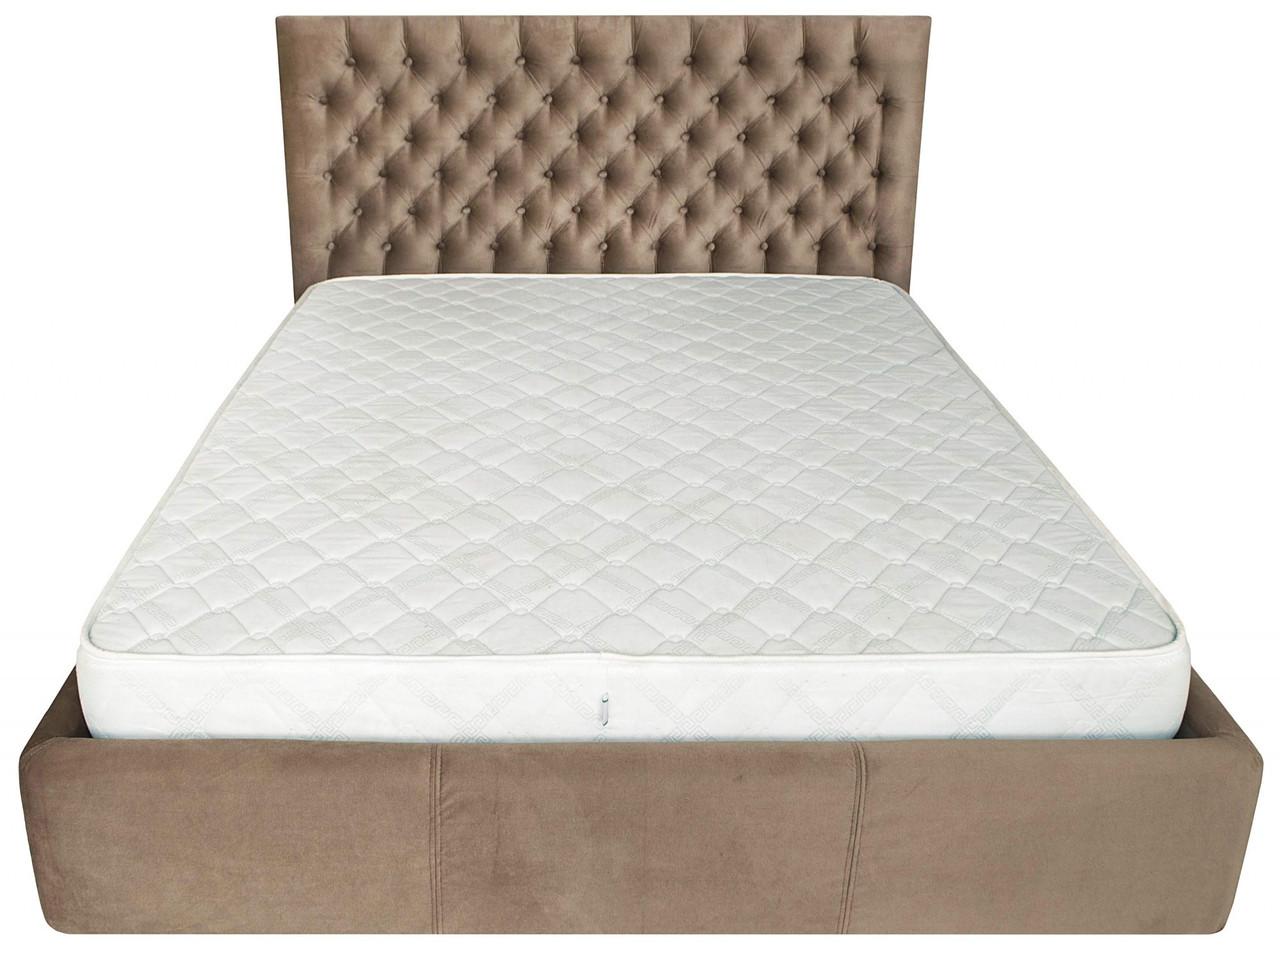 Кровать Richman Кембридж 120 х 200 см Missoni 04 Светло-коричневая